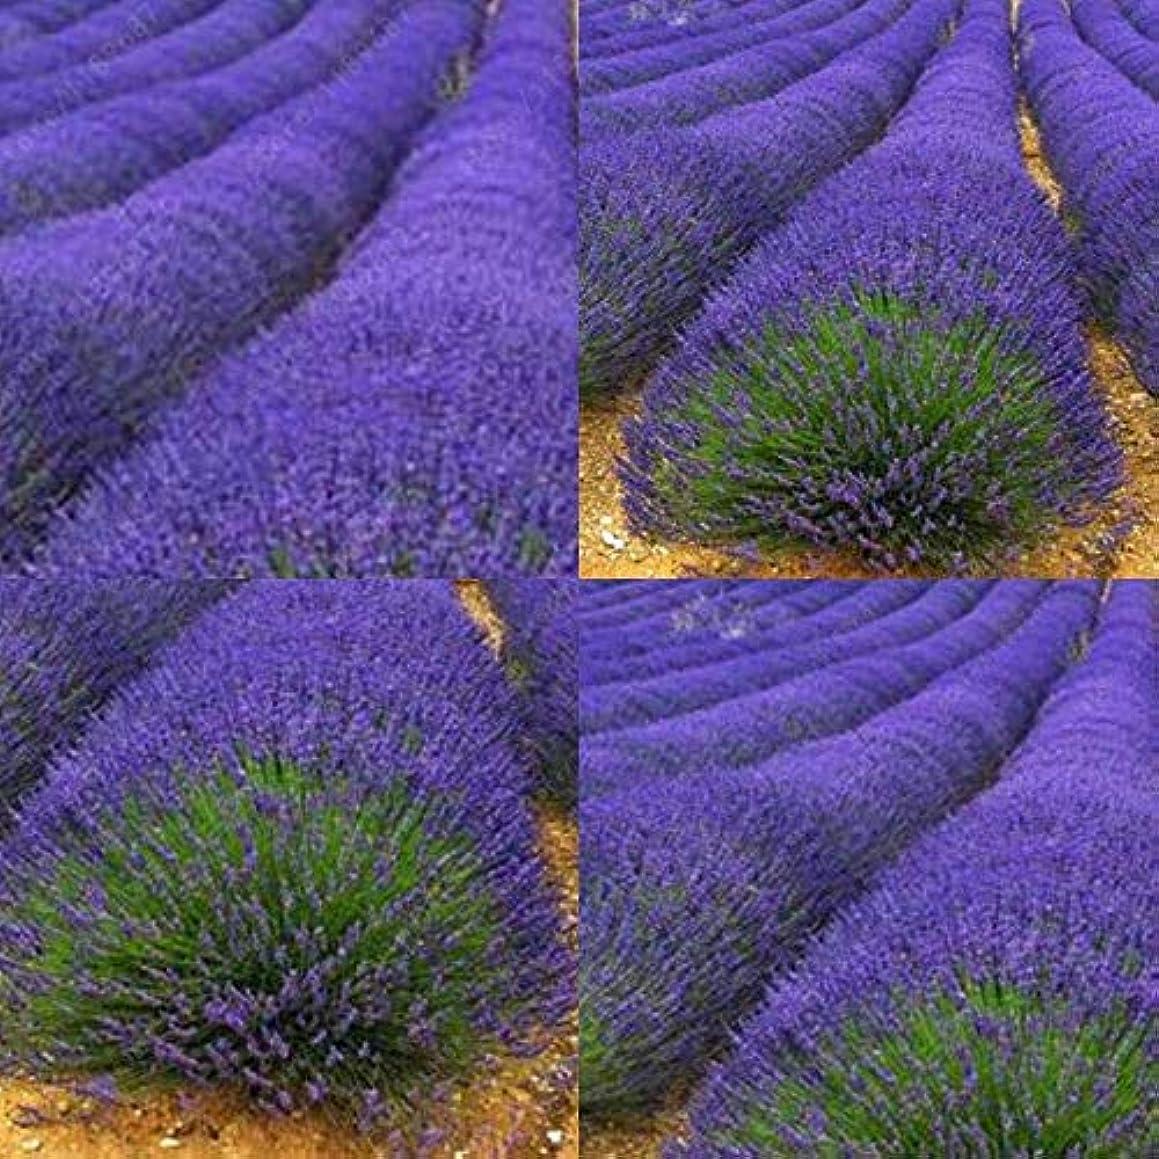 影響する機構めんどりPortal Cool Type2 200Pcs: New Garden Aromatic Spices Variety Herb Seeds Plant Vegetable Lavender Herb